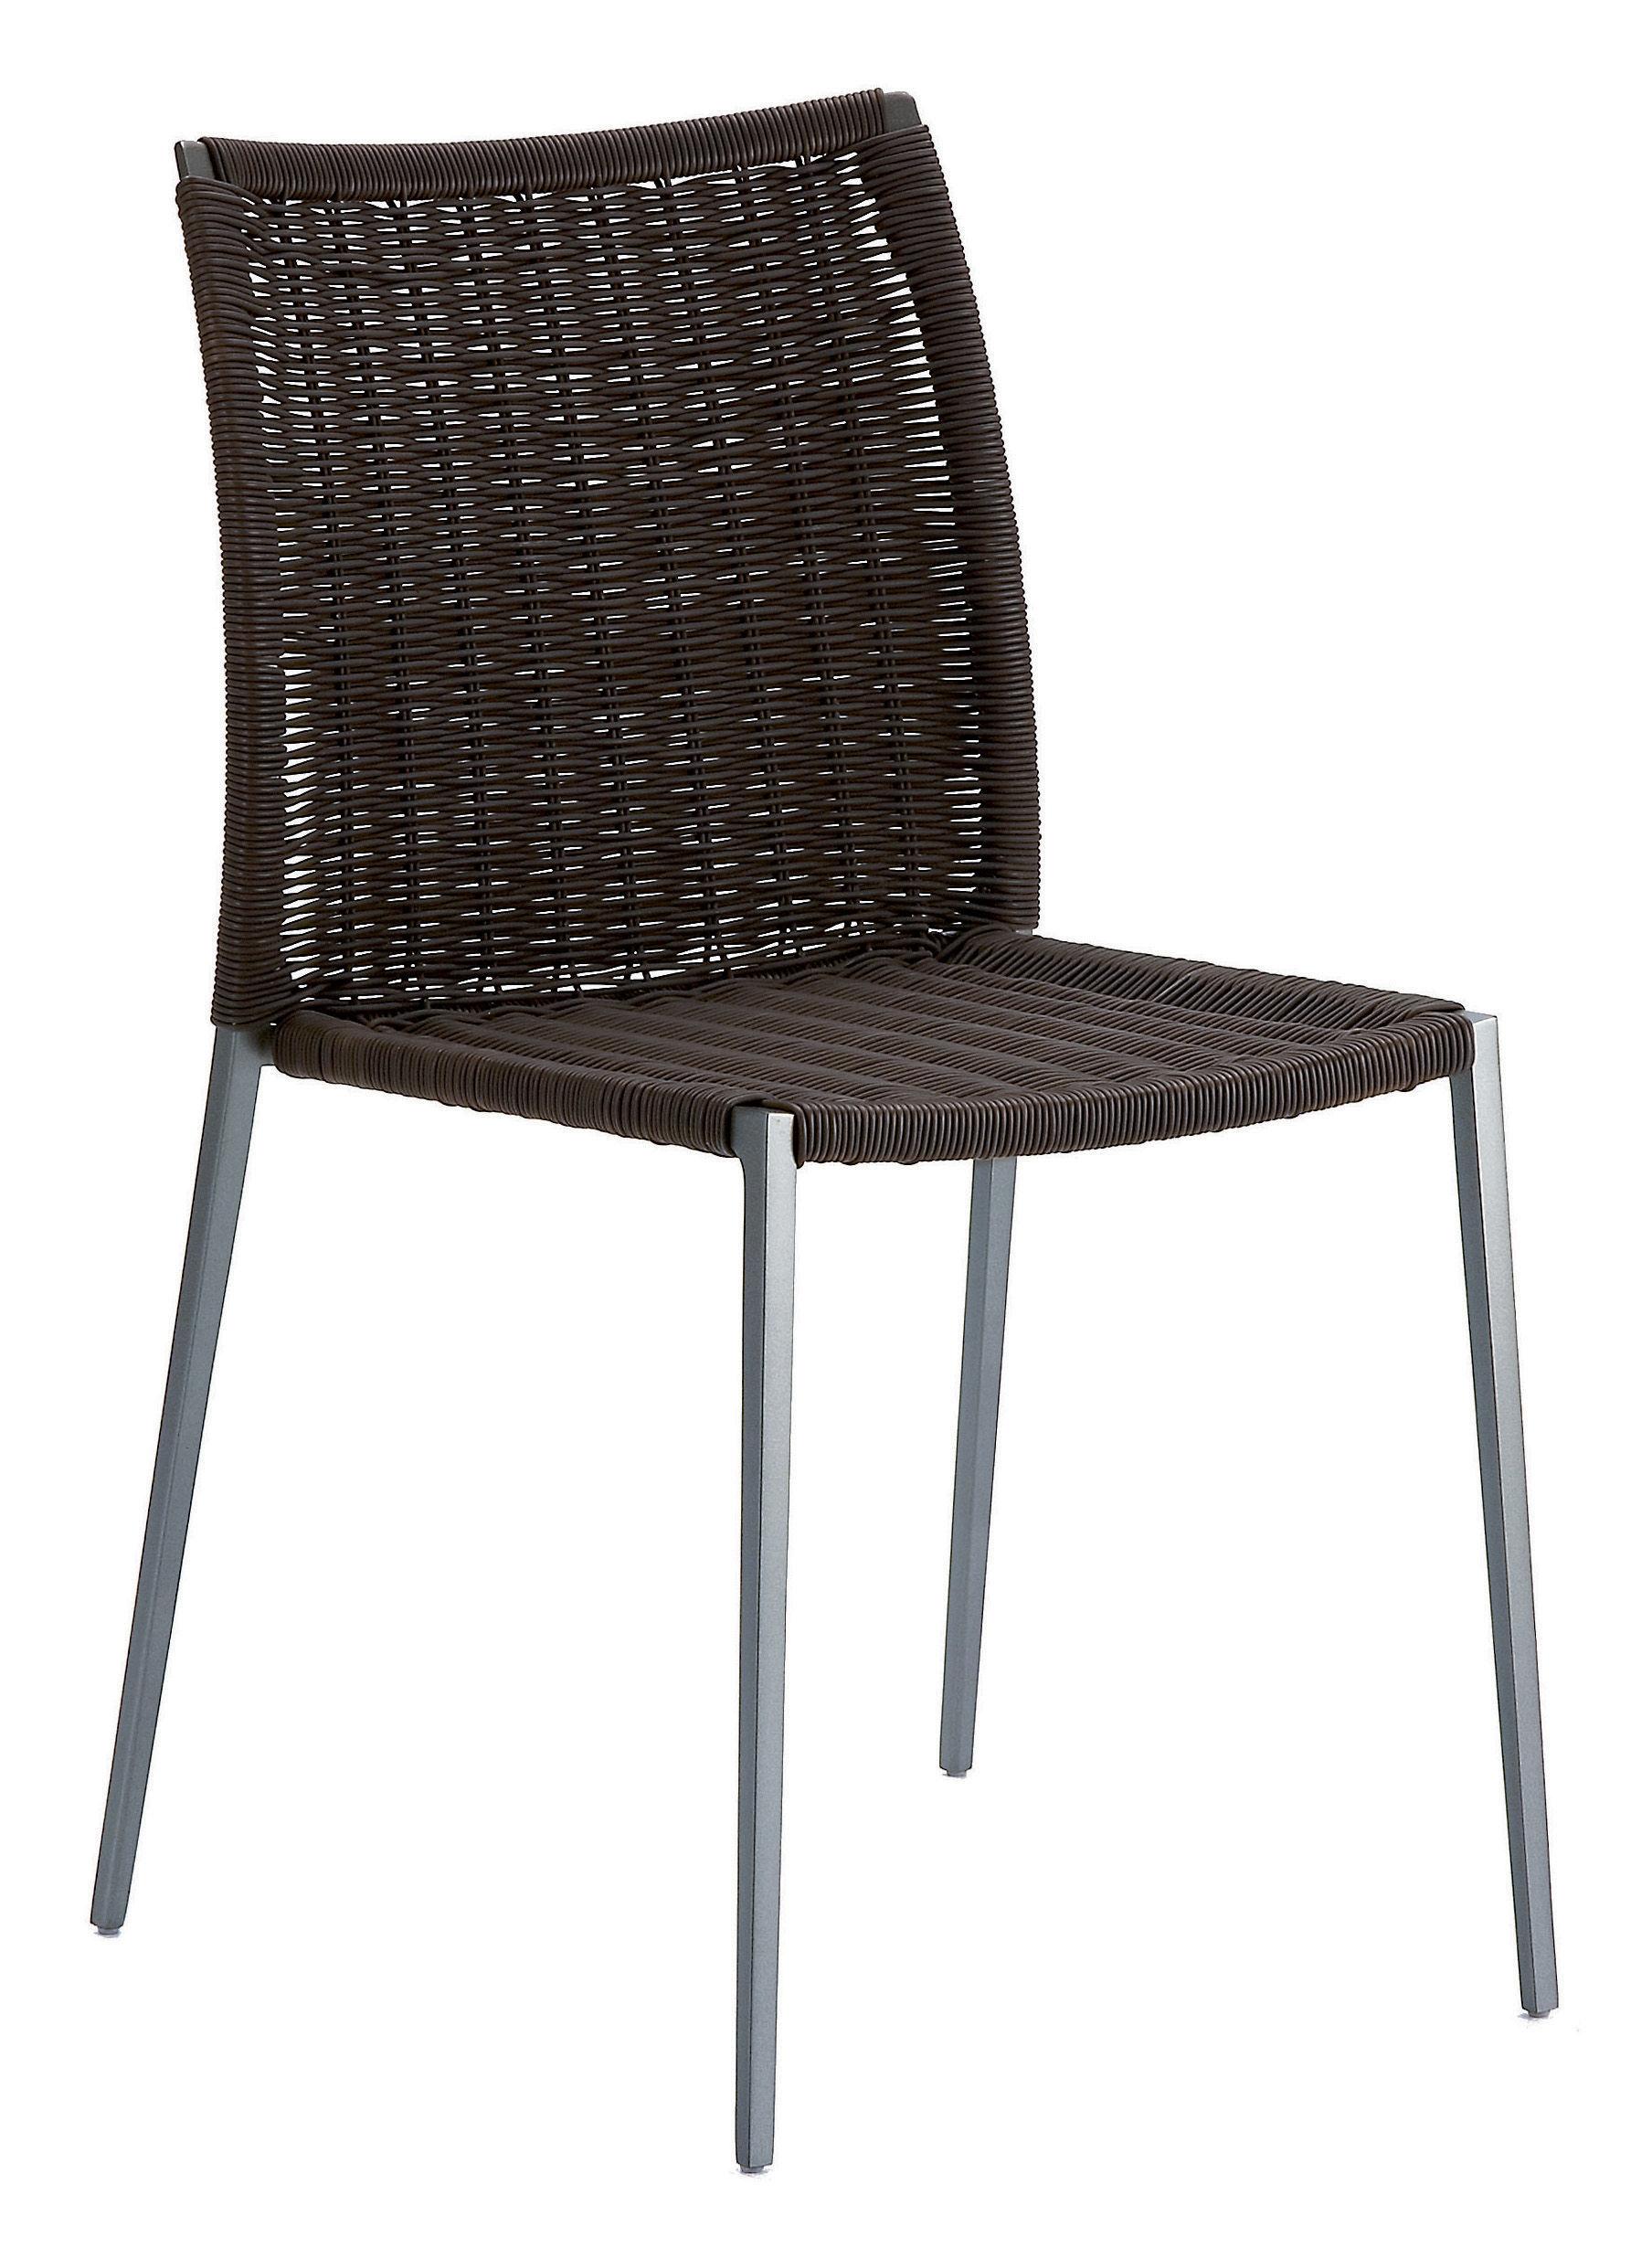 Möbel - Stühle  - Talia Stapelbarer Stuhl - Zanotta - Braun - Graphitstruktur - klarlackbeschichtetes Aluminium, PVC